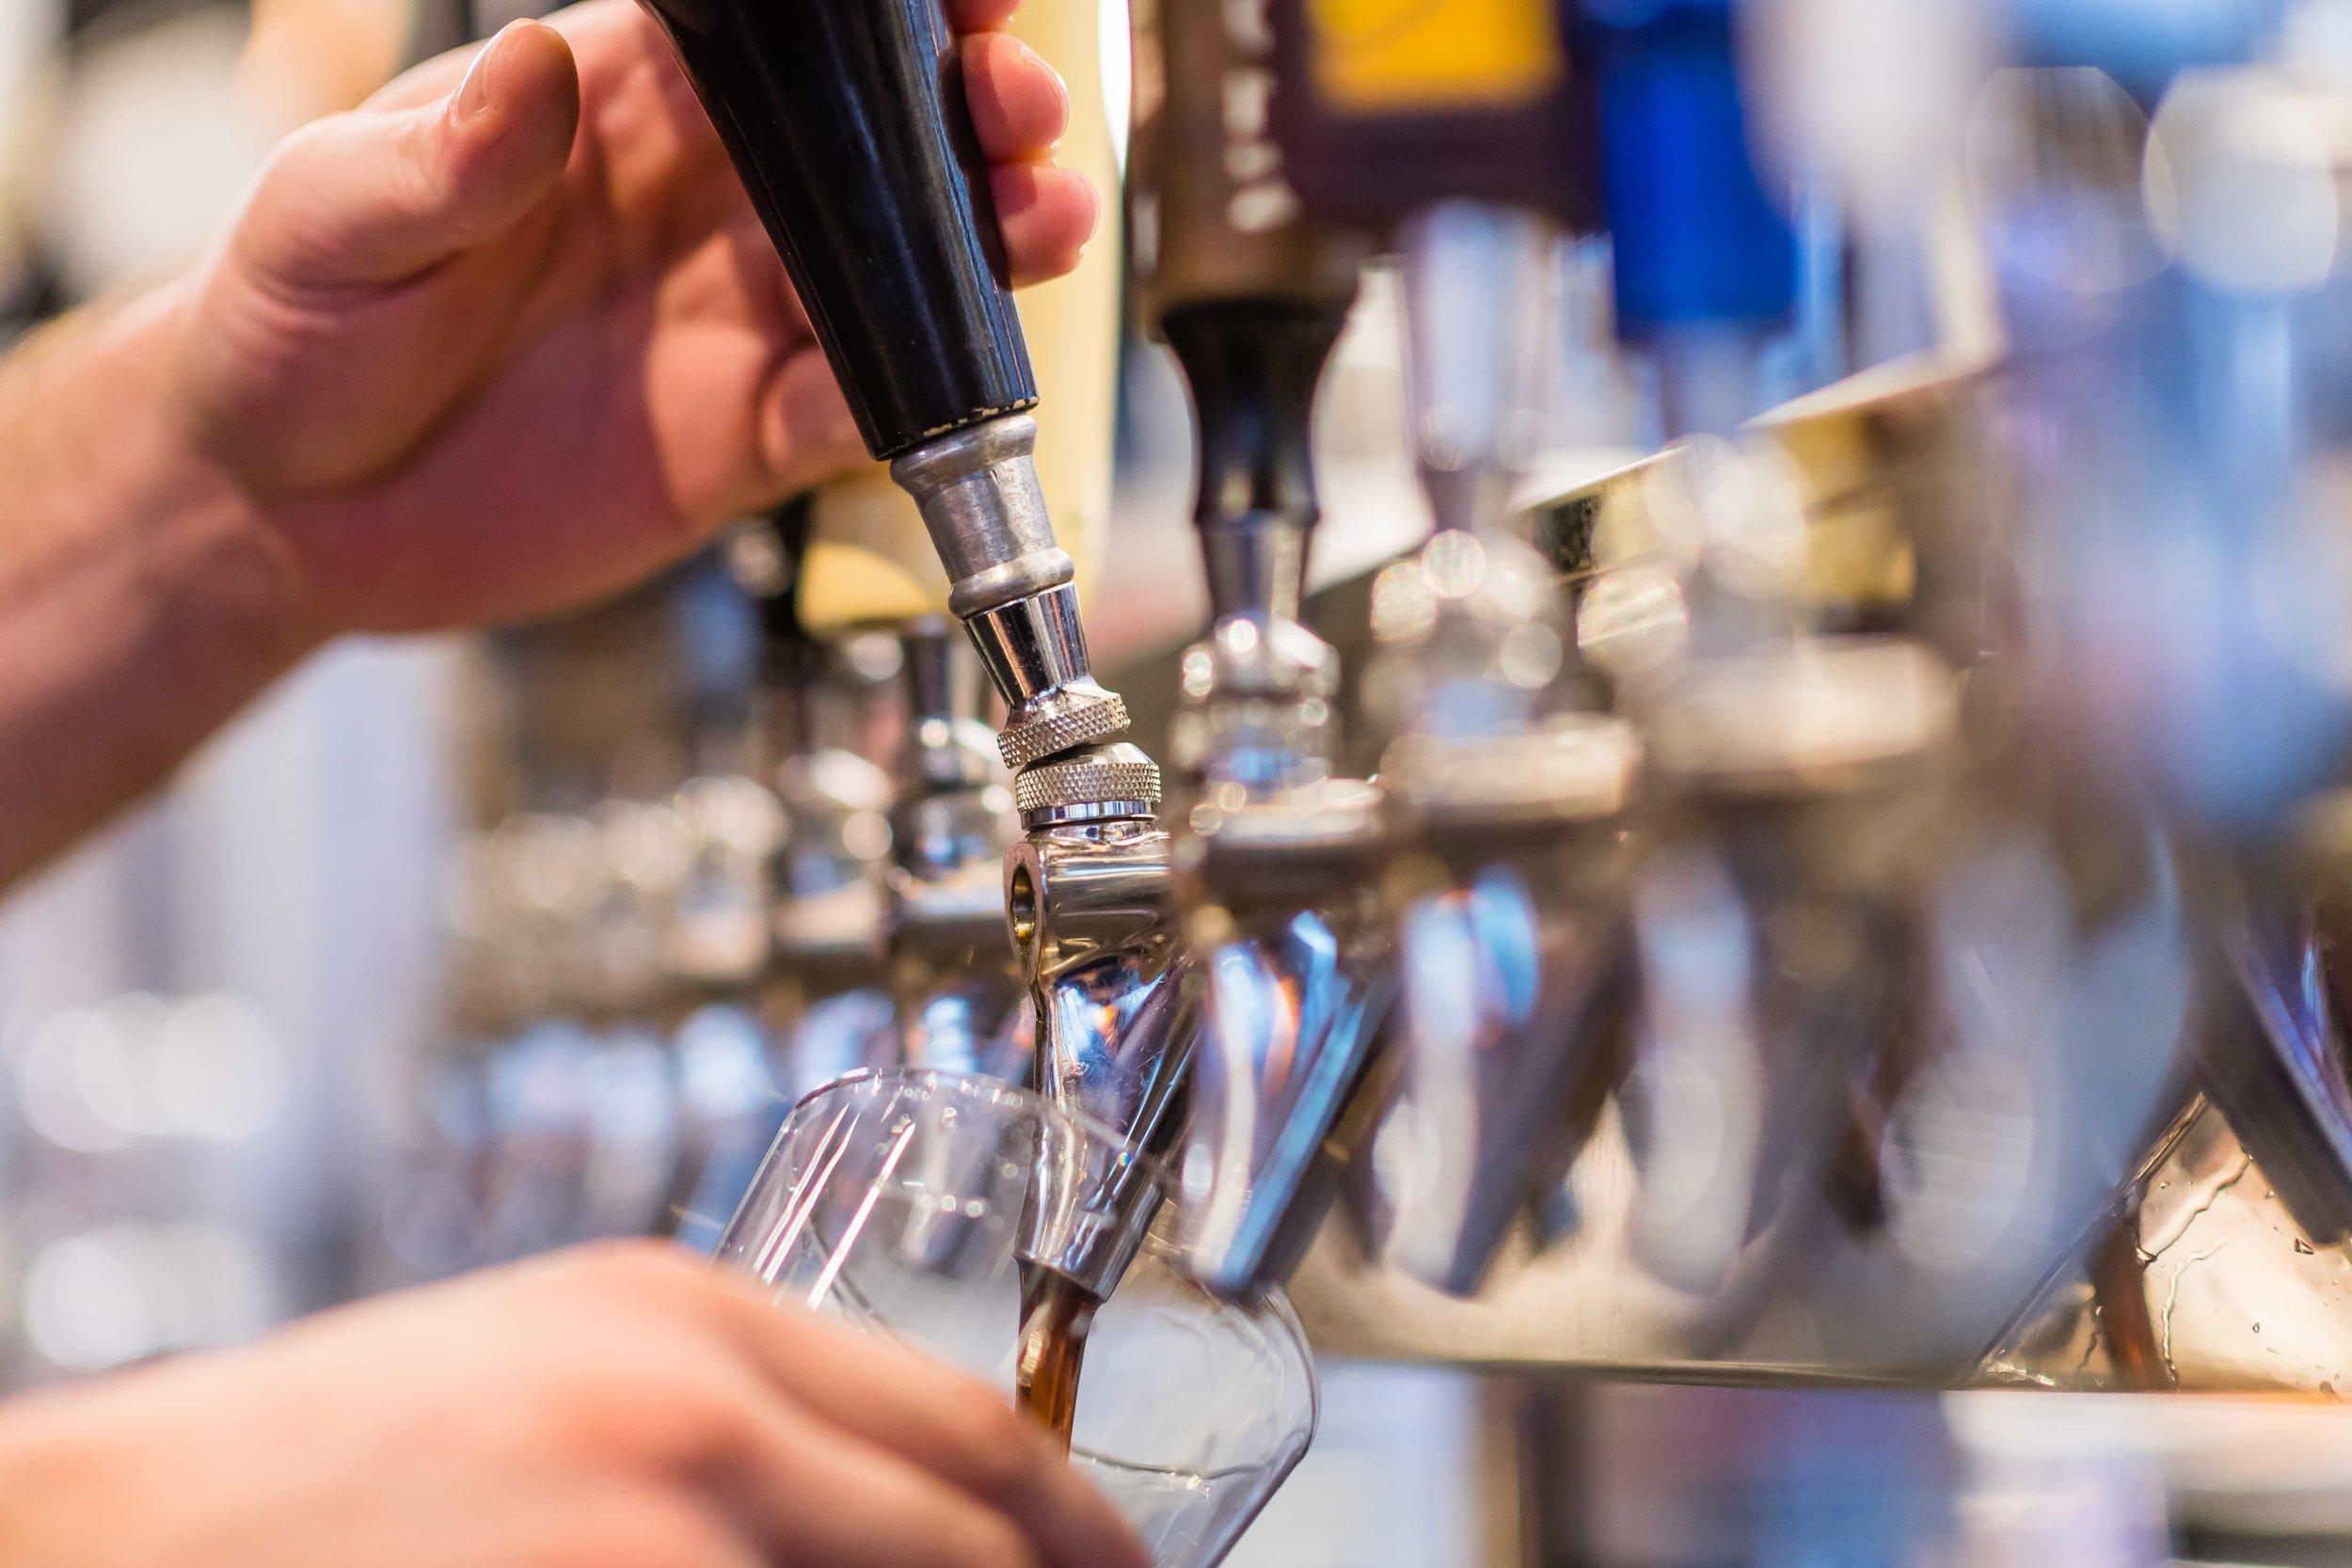 bar-tap-pour.jpg